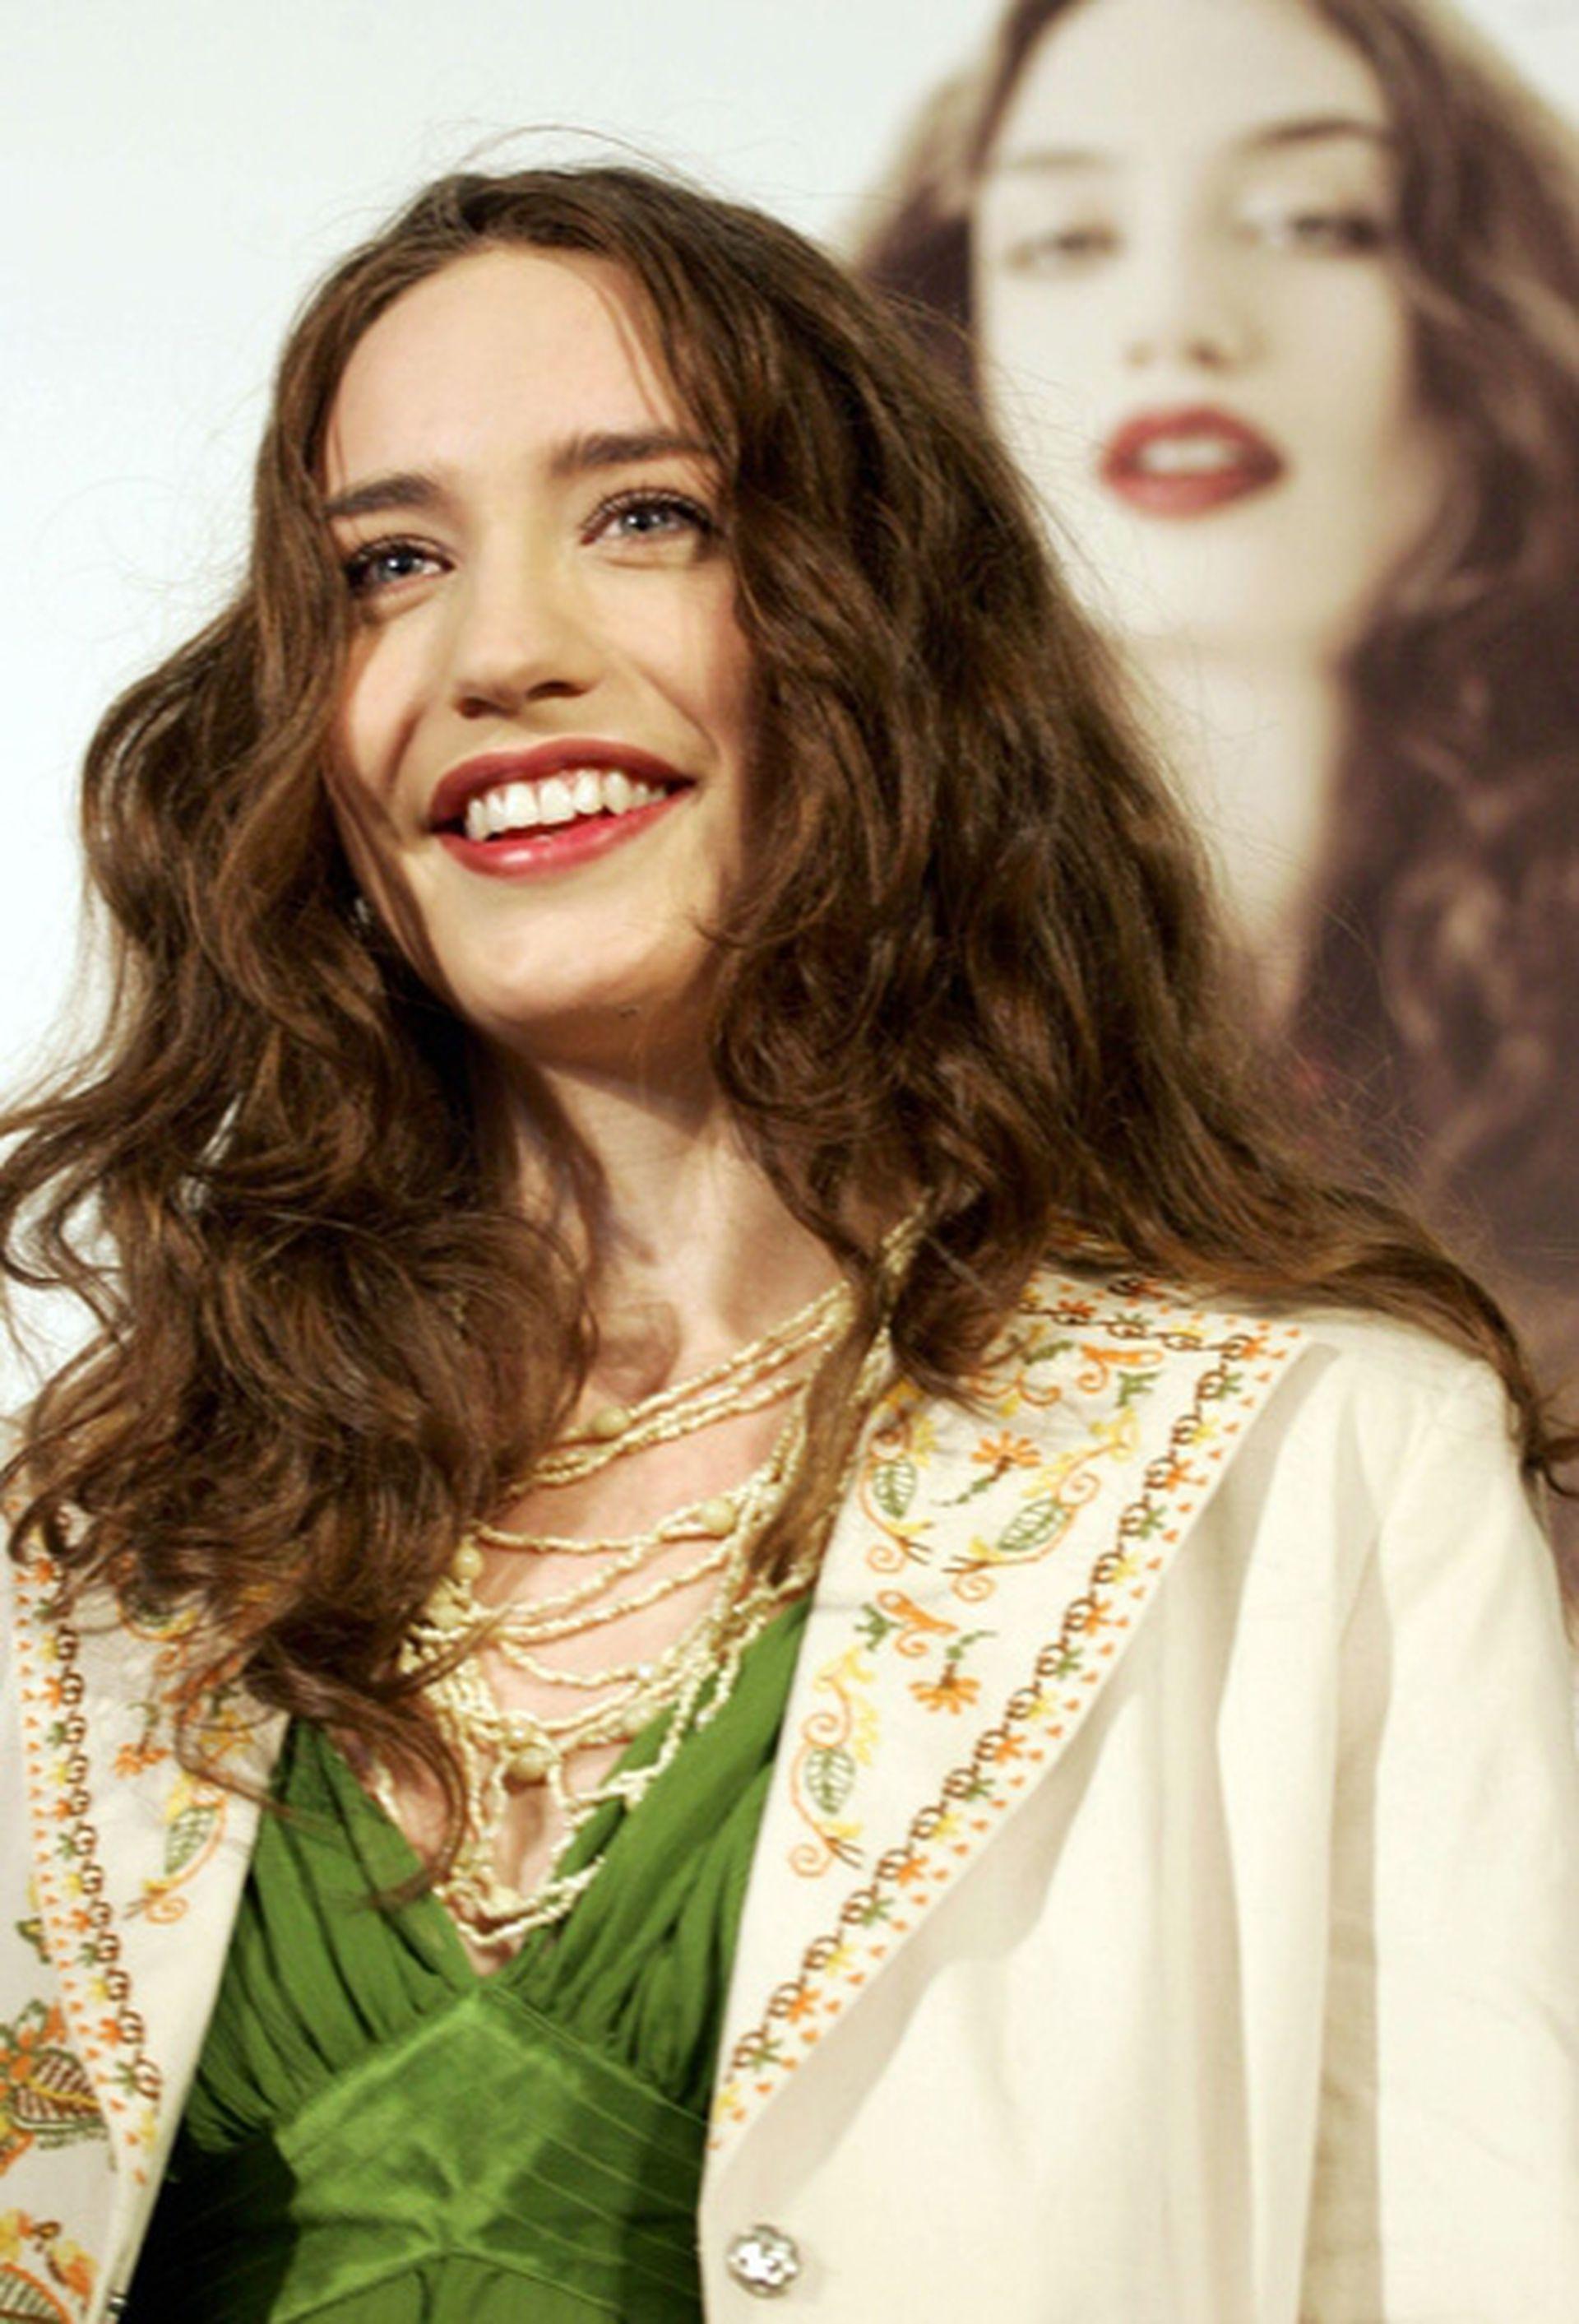 Elizabeth Jagger, una de las hijas de Mick y Jerry Hall, trabaja como modelo y se parece mucho a su madre